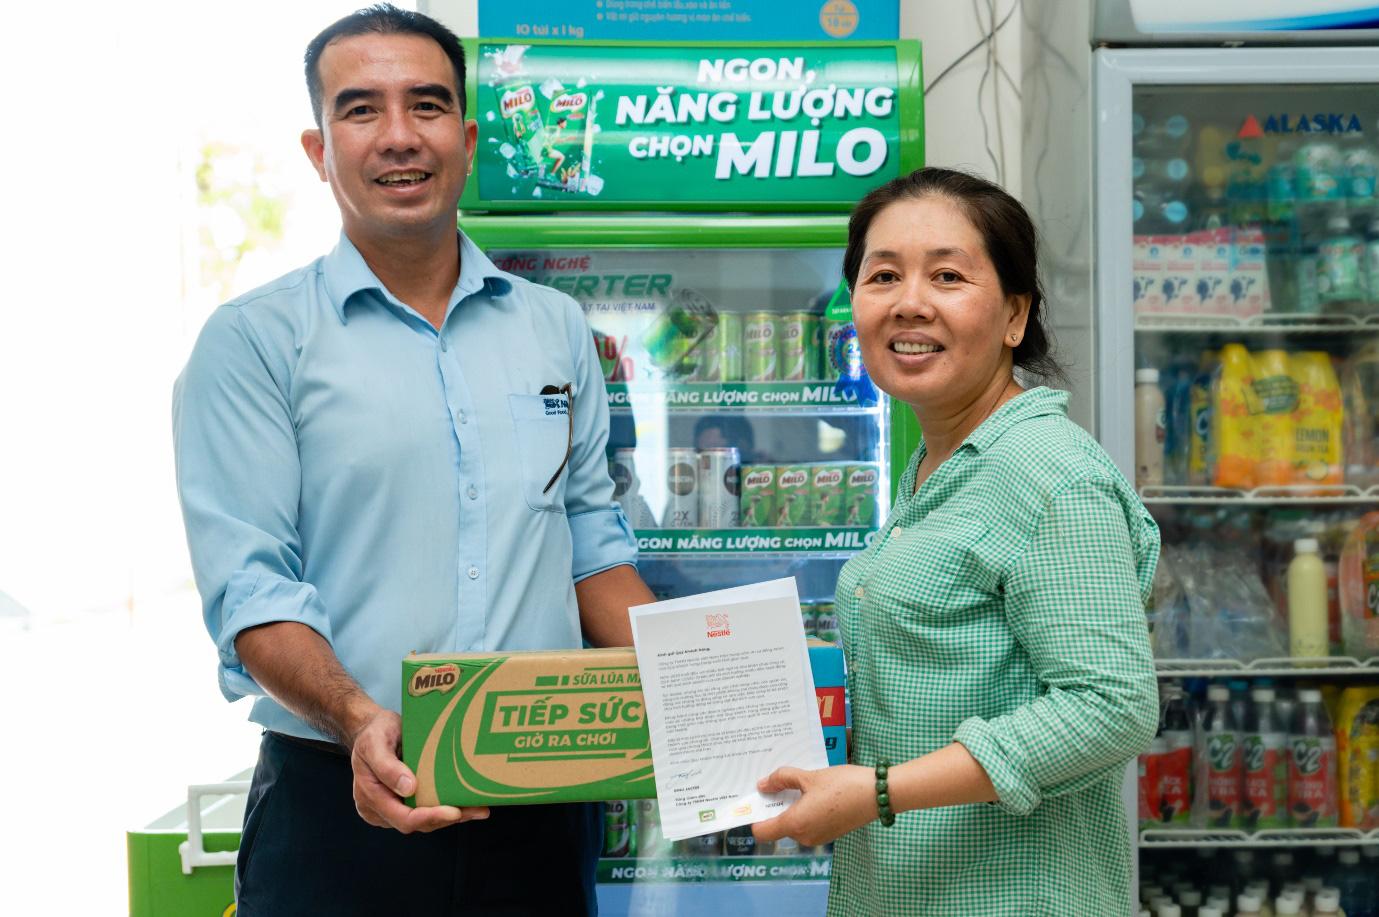 """MILO tặng 2 triệu hộp sữa tiếp thêm năng lượng cho trẻ hào hứng """"back to school"""" - Ảnh 4."""